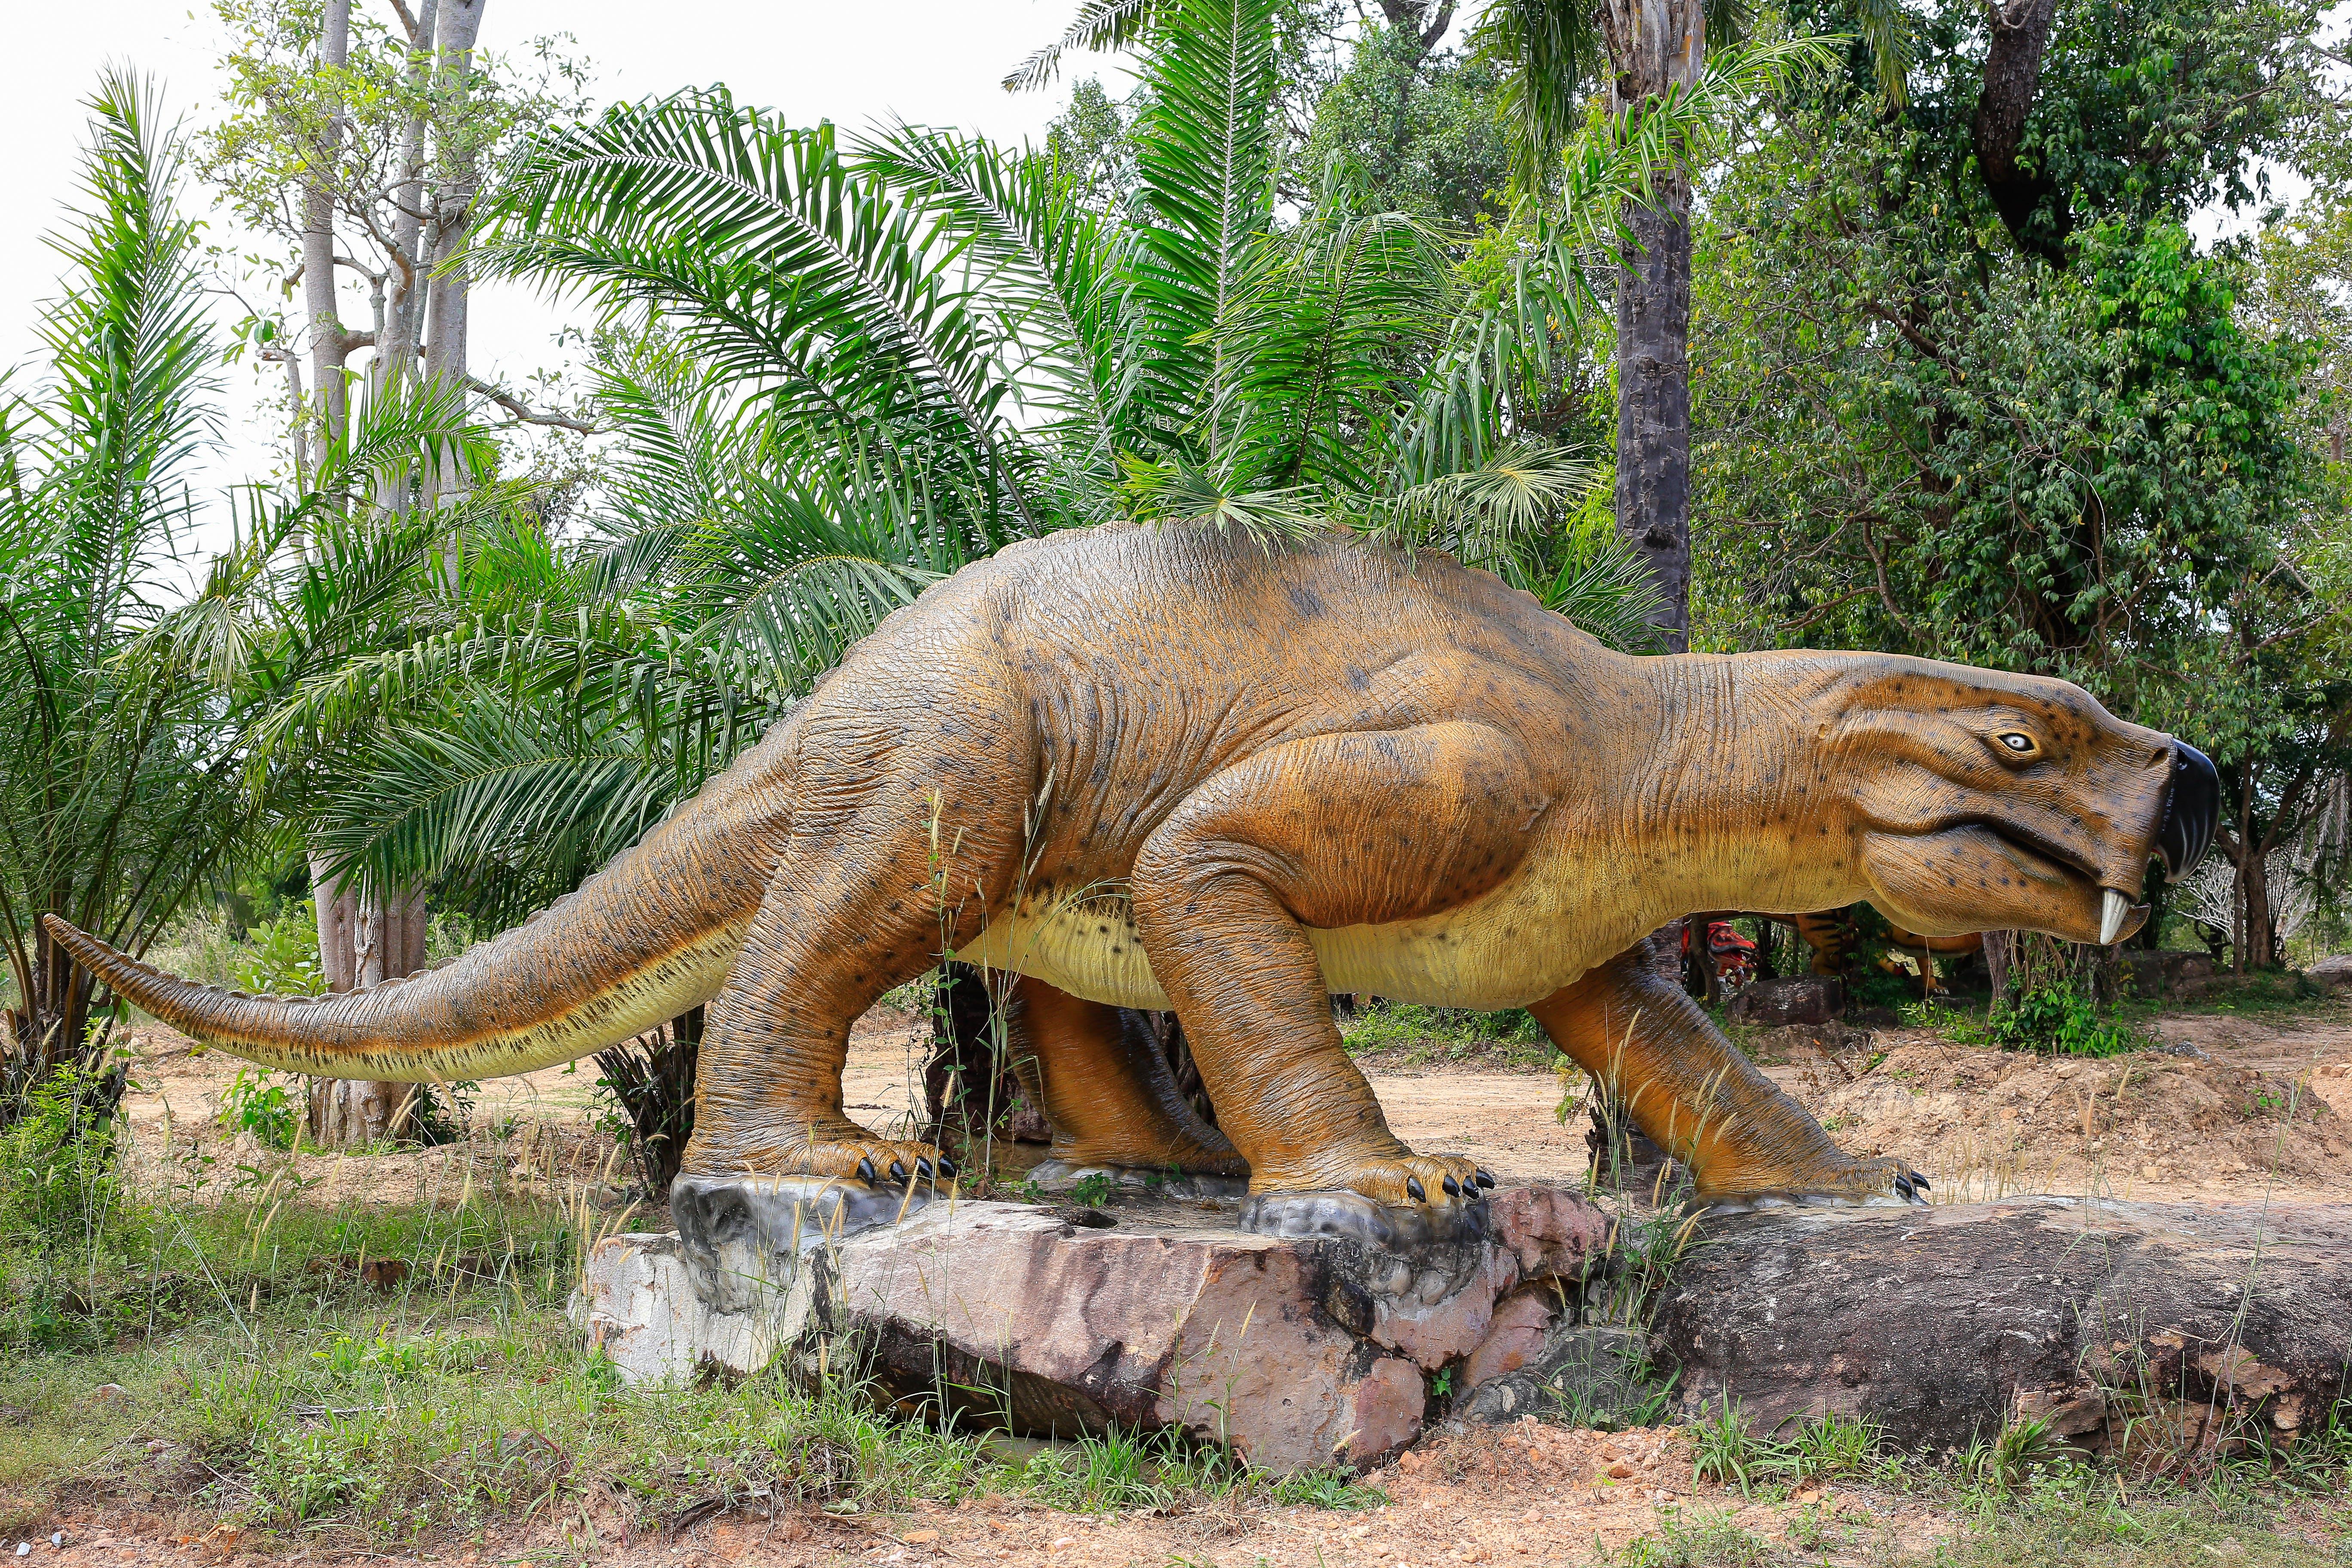 Безкоштовне стокове фото на тему «модель динозаврів, сад динозаврів»